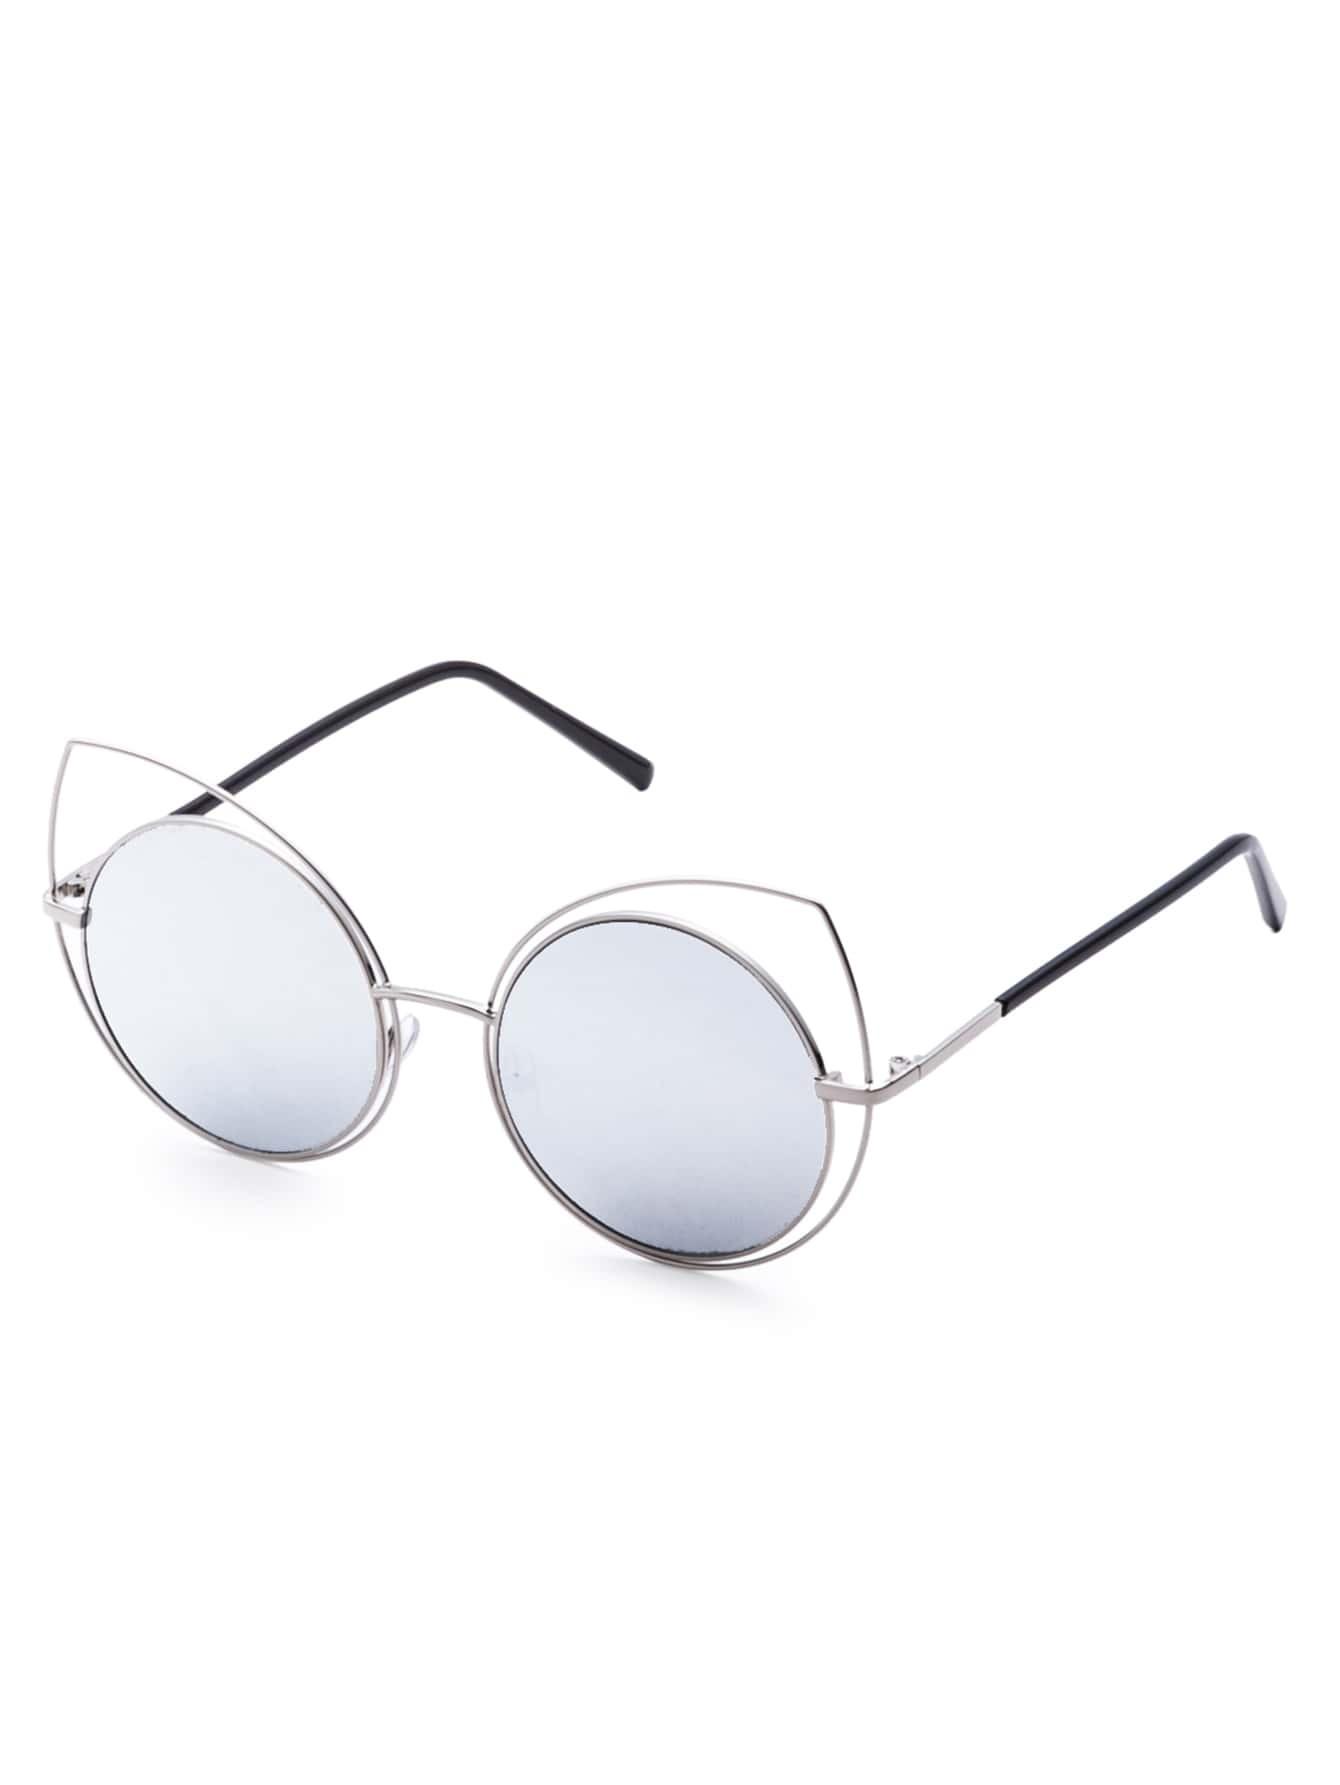 Silver Frame Mirrored Lens Cat Eye Sunglasses